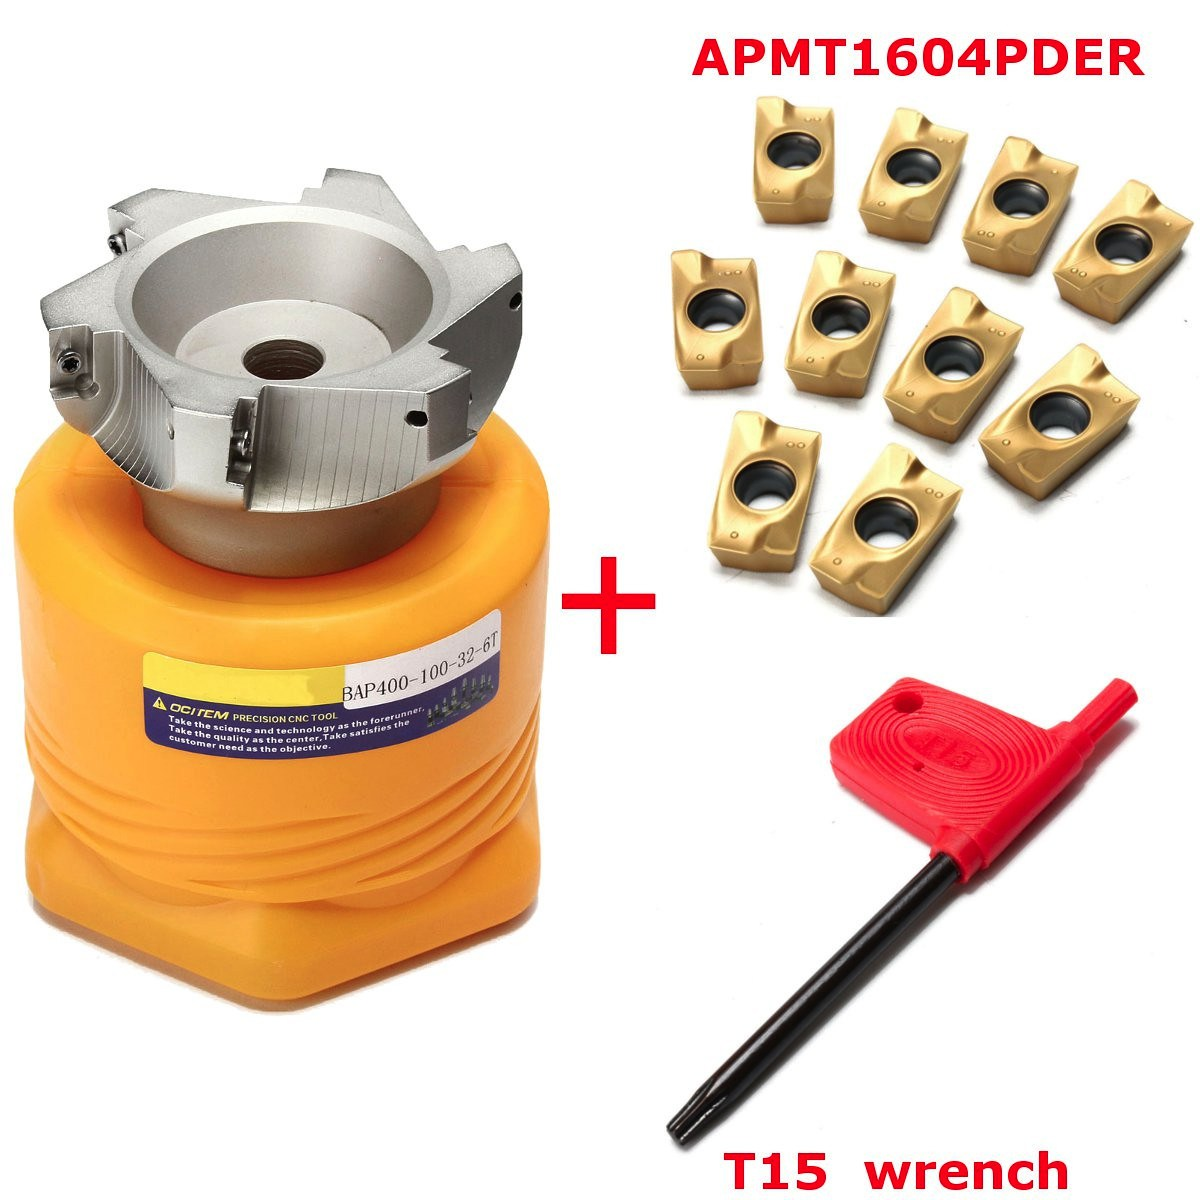 BAP 400R 100 32 6F Wende Drehmaschine Werkzeug Gesicht Fräser + 10 APMT1604PDER Klingen + Wrench